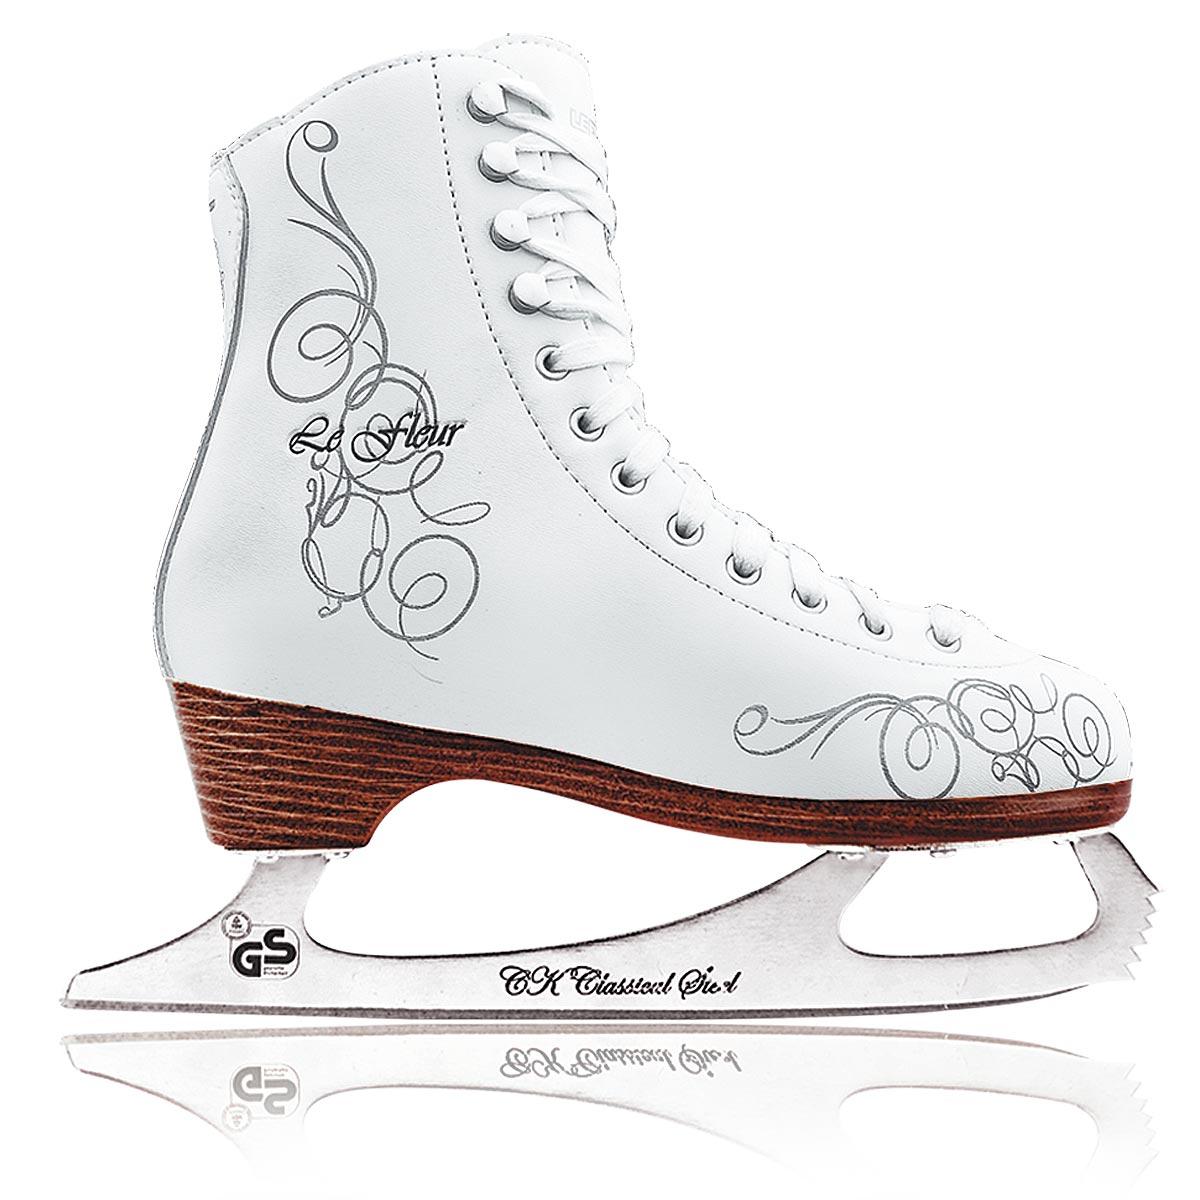 Коньки фигурные для девочки СК Le Fleur Fur, цвет: белый, серебряный. Размер 35LE FLEUR fur_белый, серебряный_35